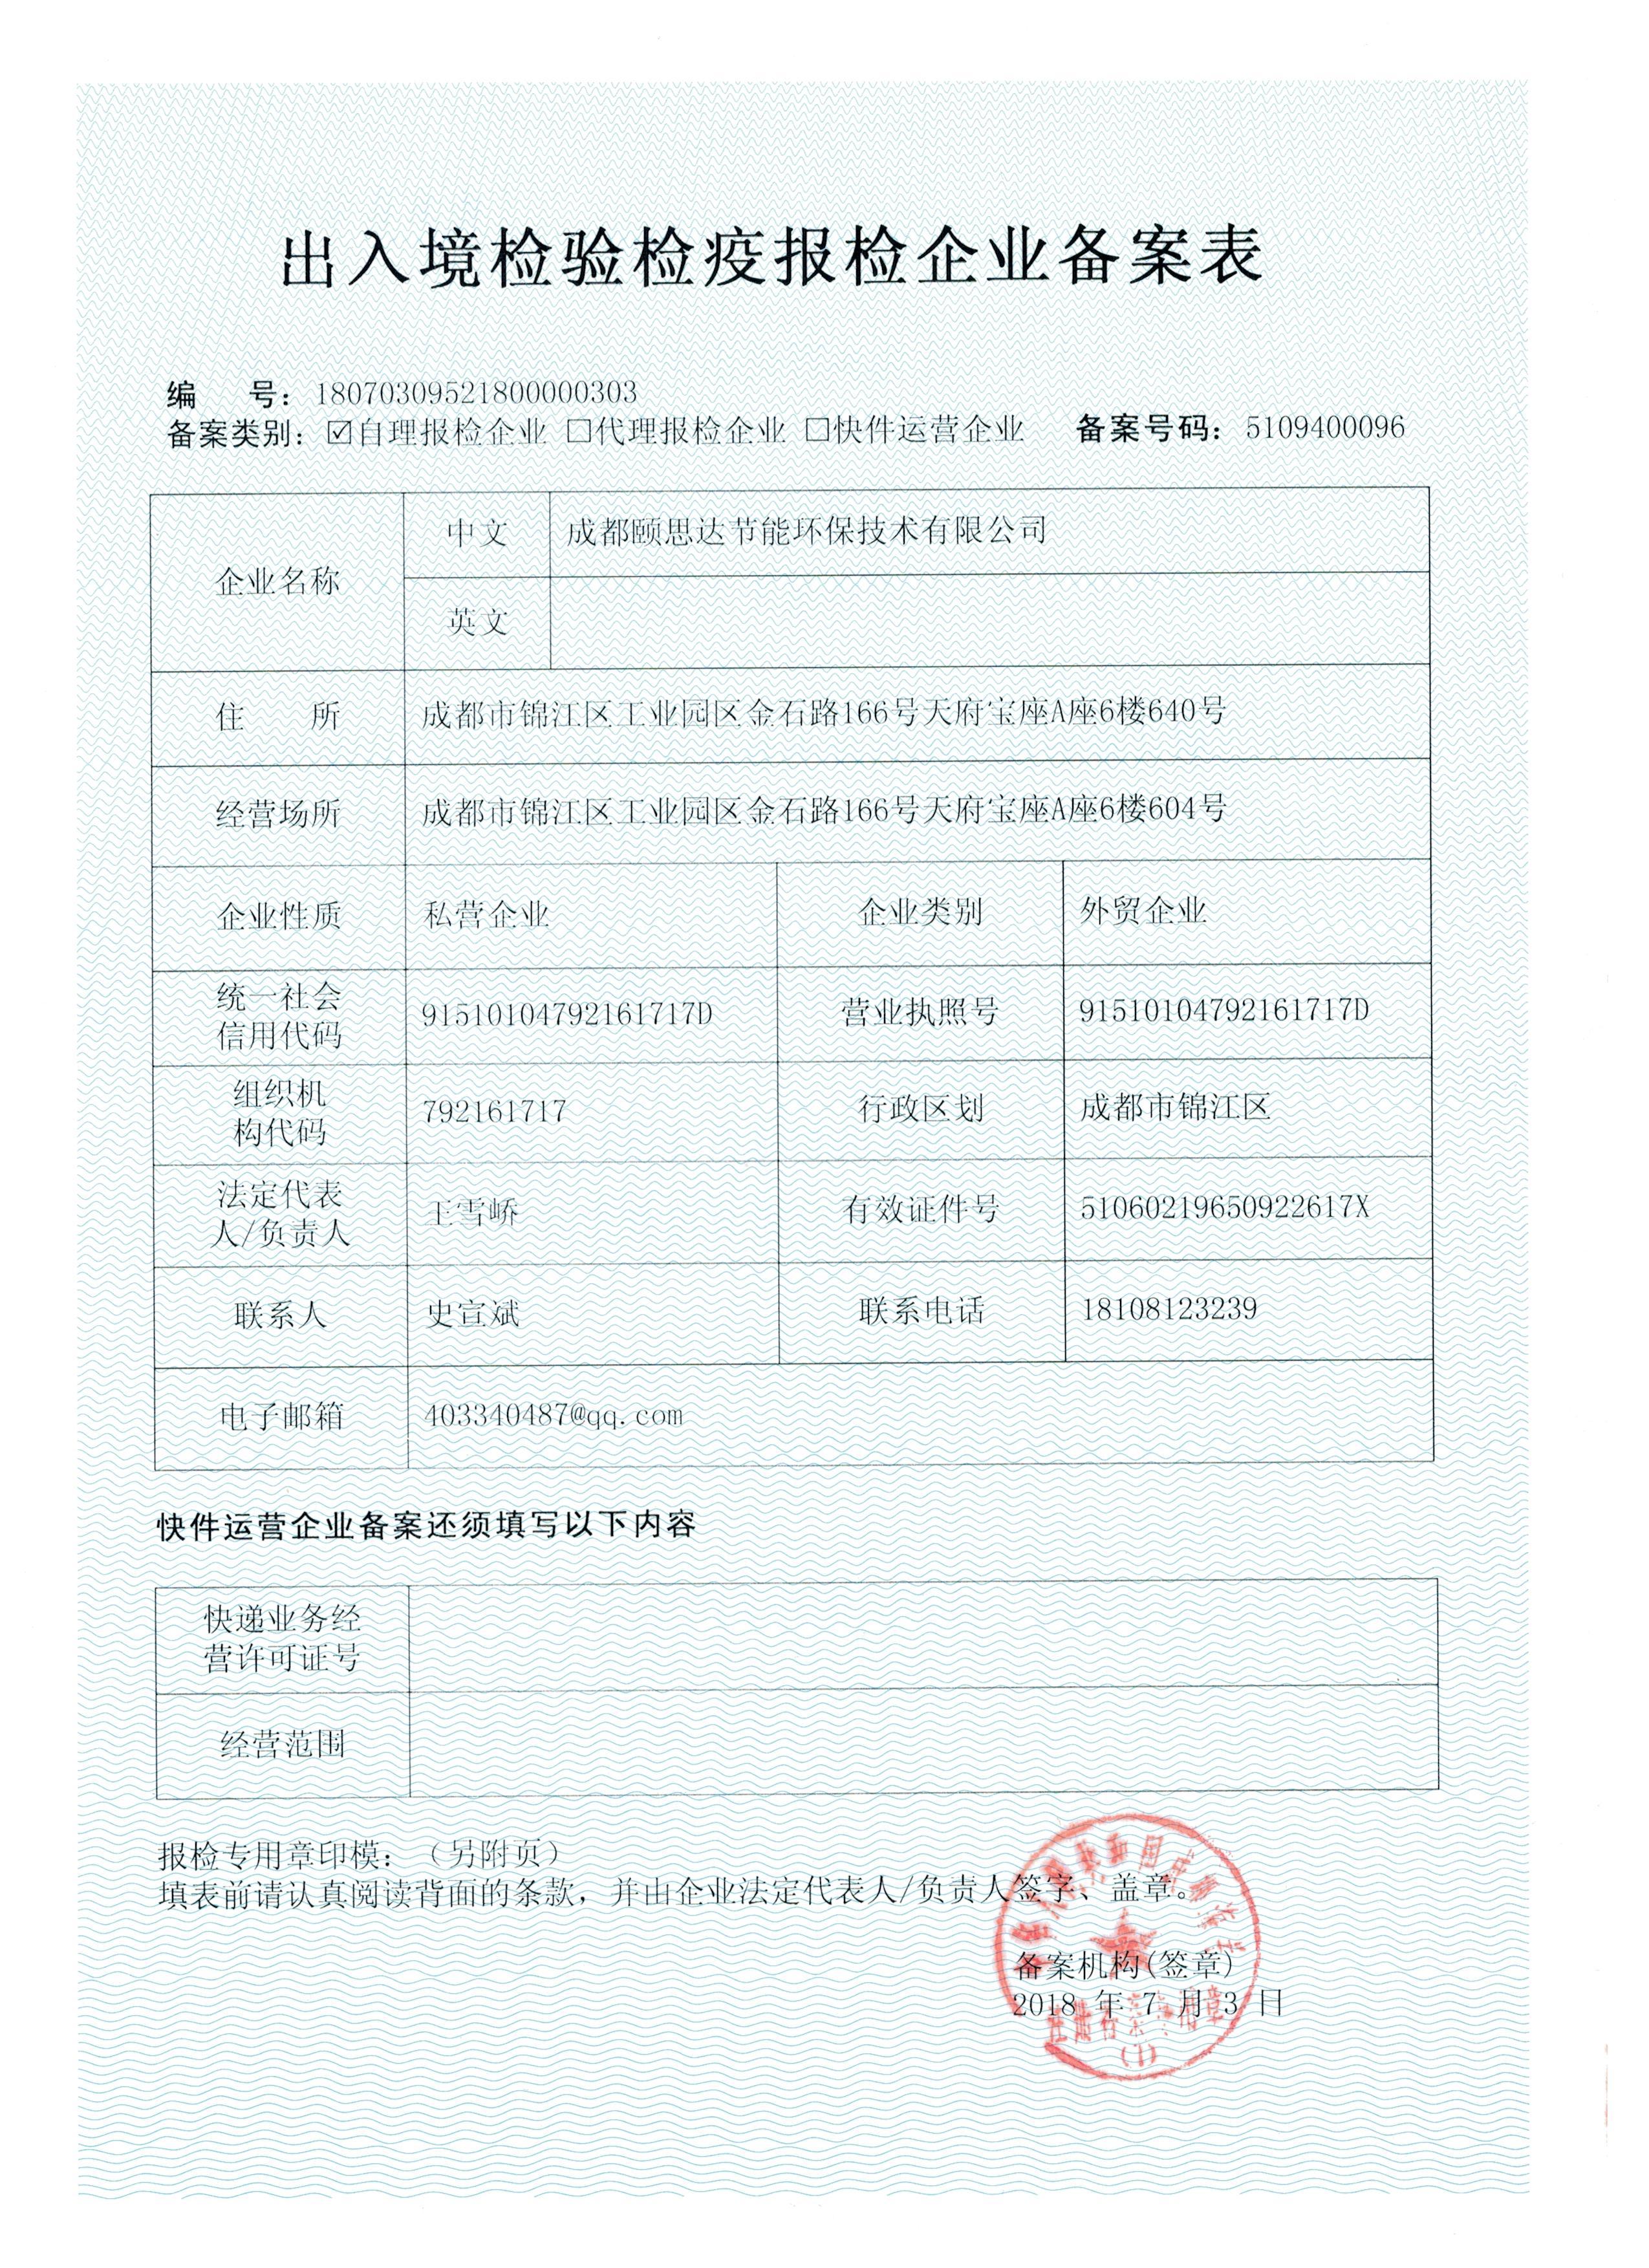 出入境报检企业备案表(1)